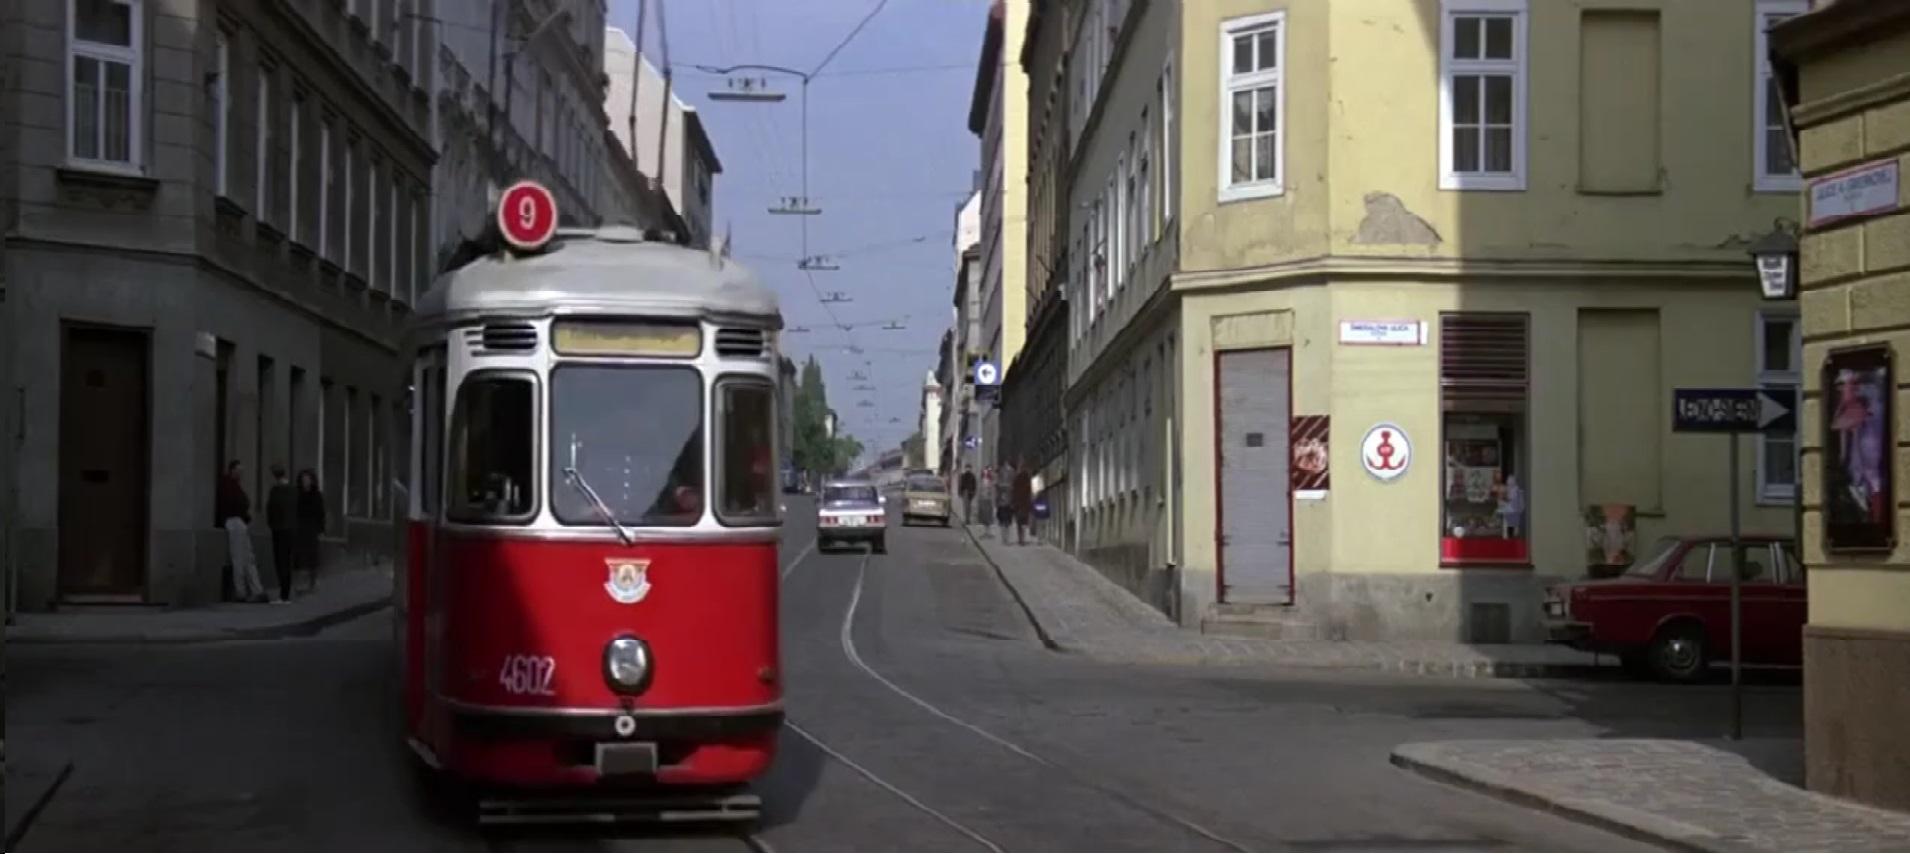 Por potřeby natáčení posloužily dvě soupravy tramvají L4 s vlečnými vozy I. Obě nesly v rámci filmu stejná evidenční čísla - 4602 a 1390.(Převzato z filmu Dech života/The Living Daylights)